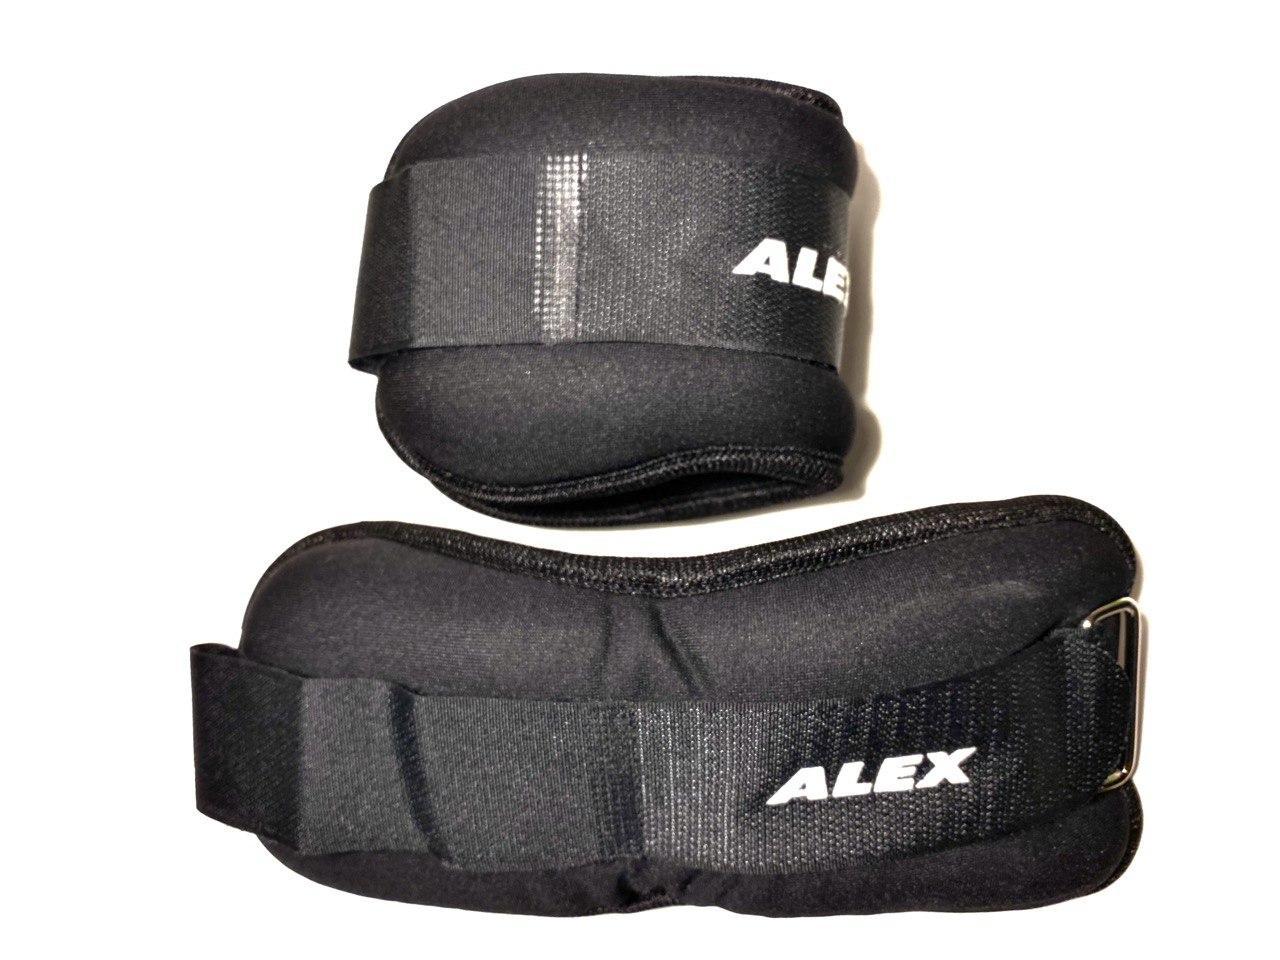 Утяжелители универсальные ALEX для рук и ног 3.0 кг.